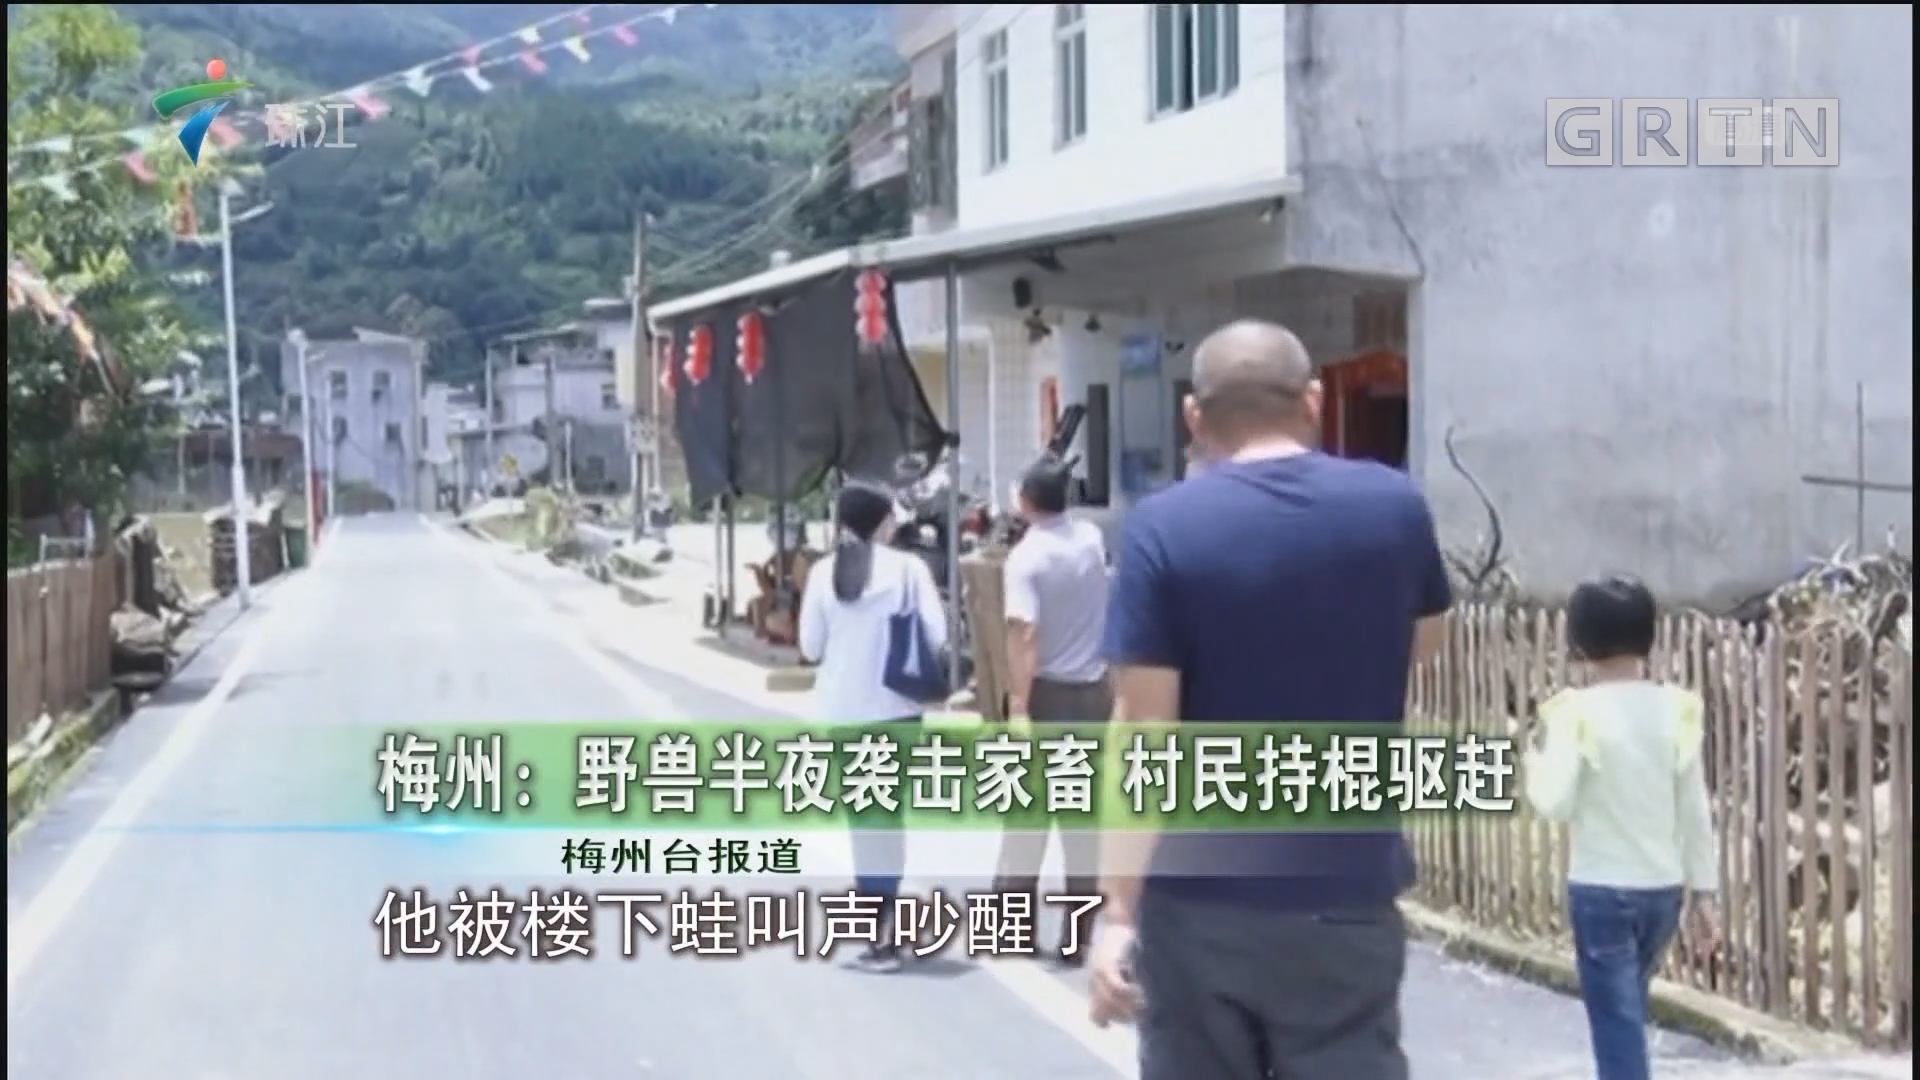 梅州:野獸半夜襲擊家畜 村民持棍驅趕